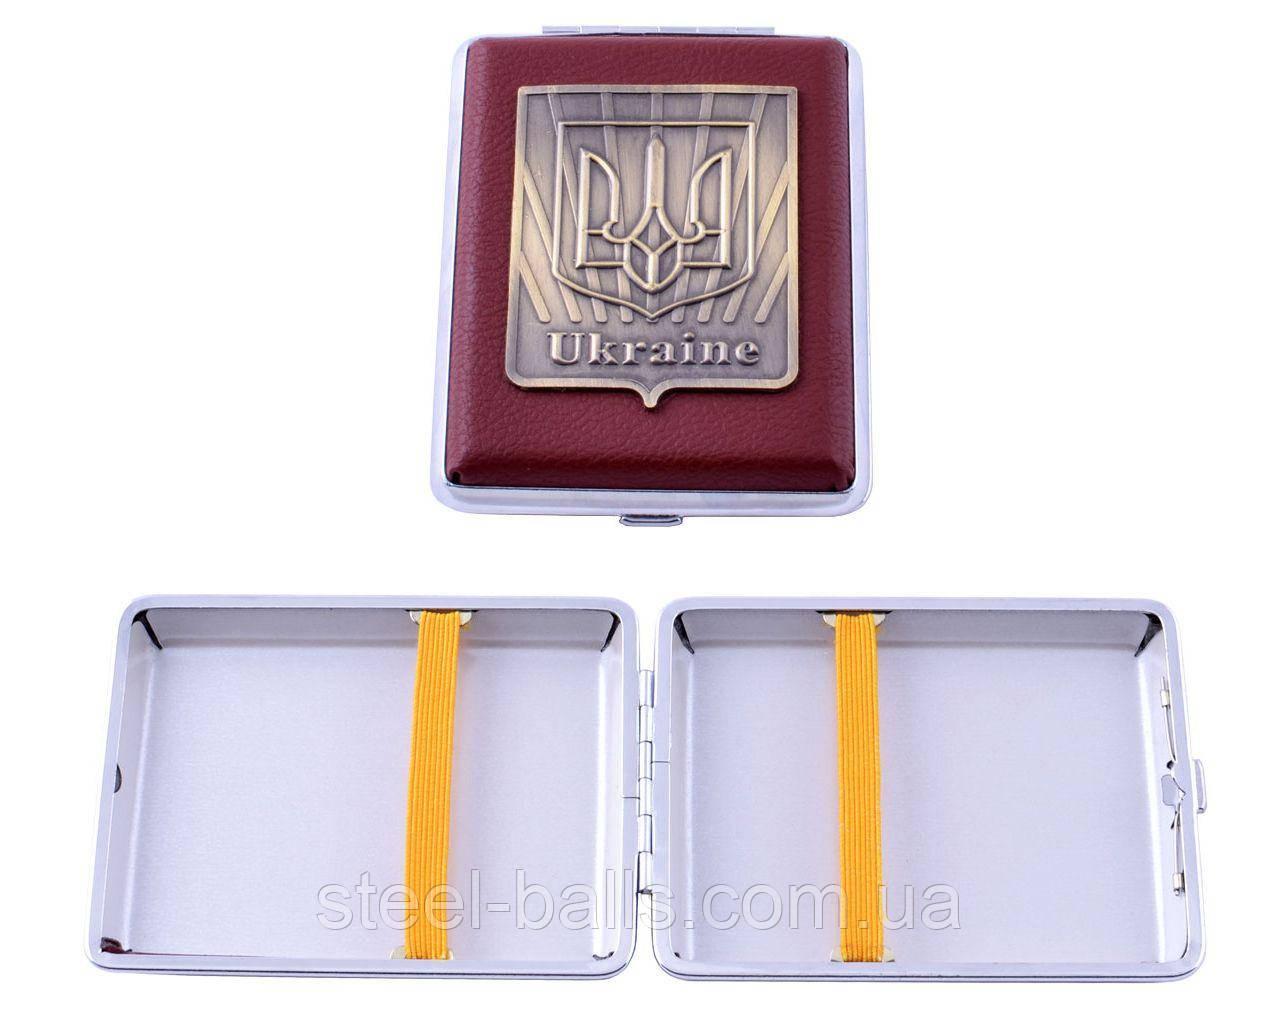 Купить сигарет украина как называется электронные сигареты одноразовые